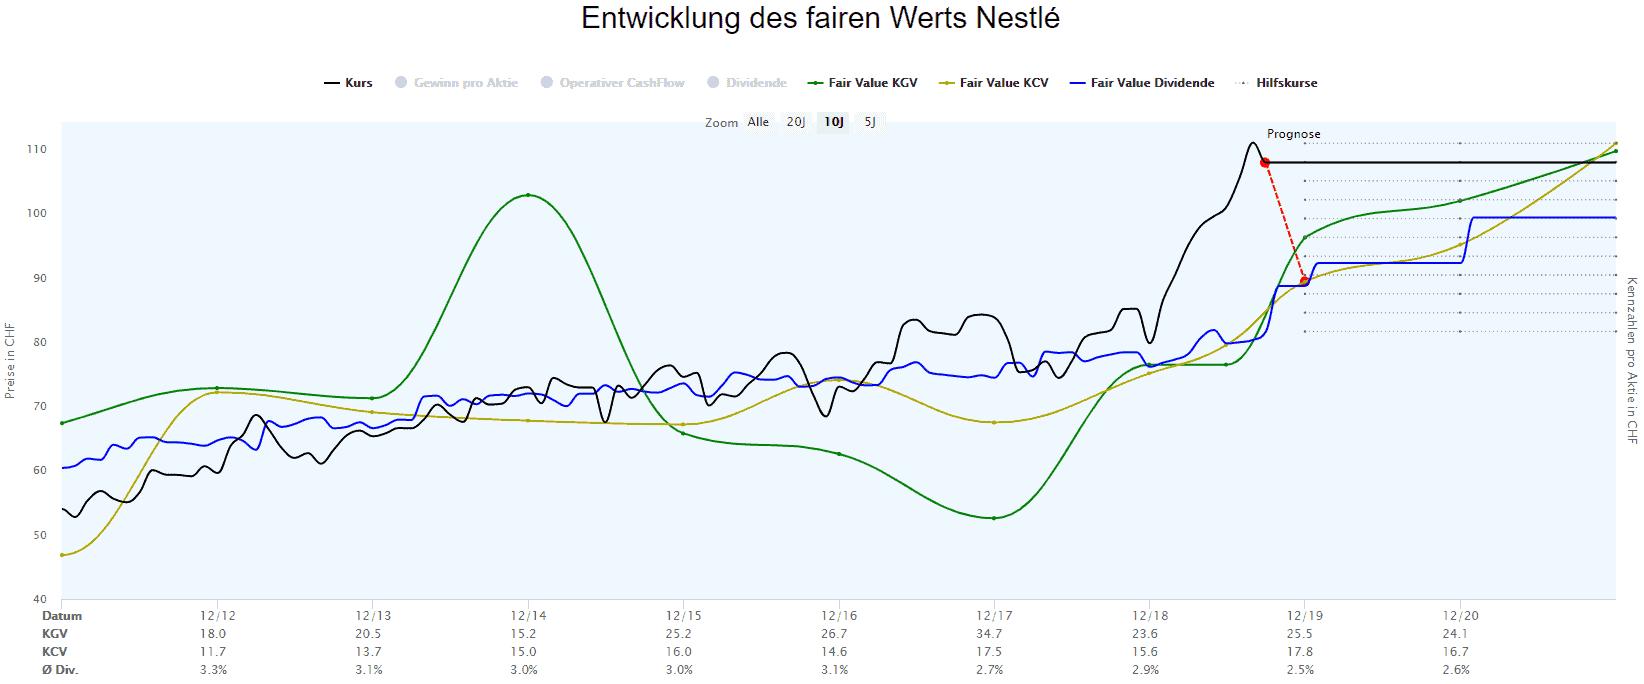 Berechnungen des fairen Werts der Nestle Aktie